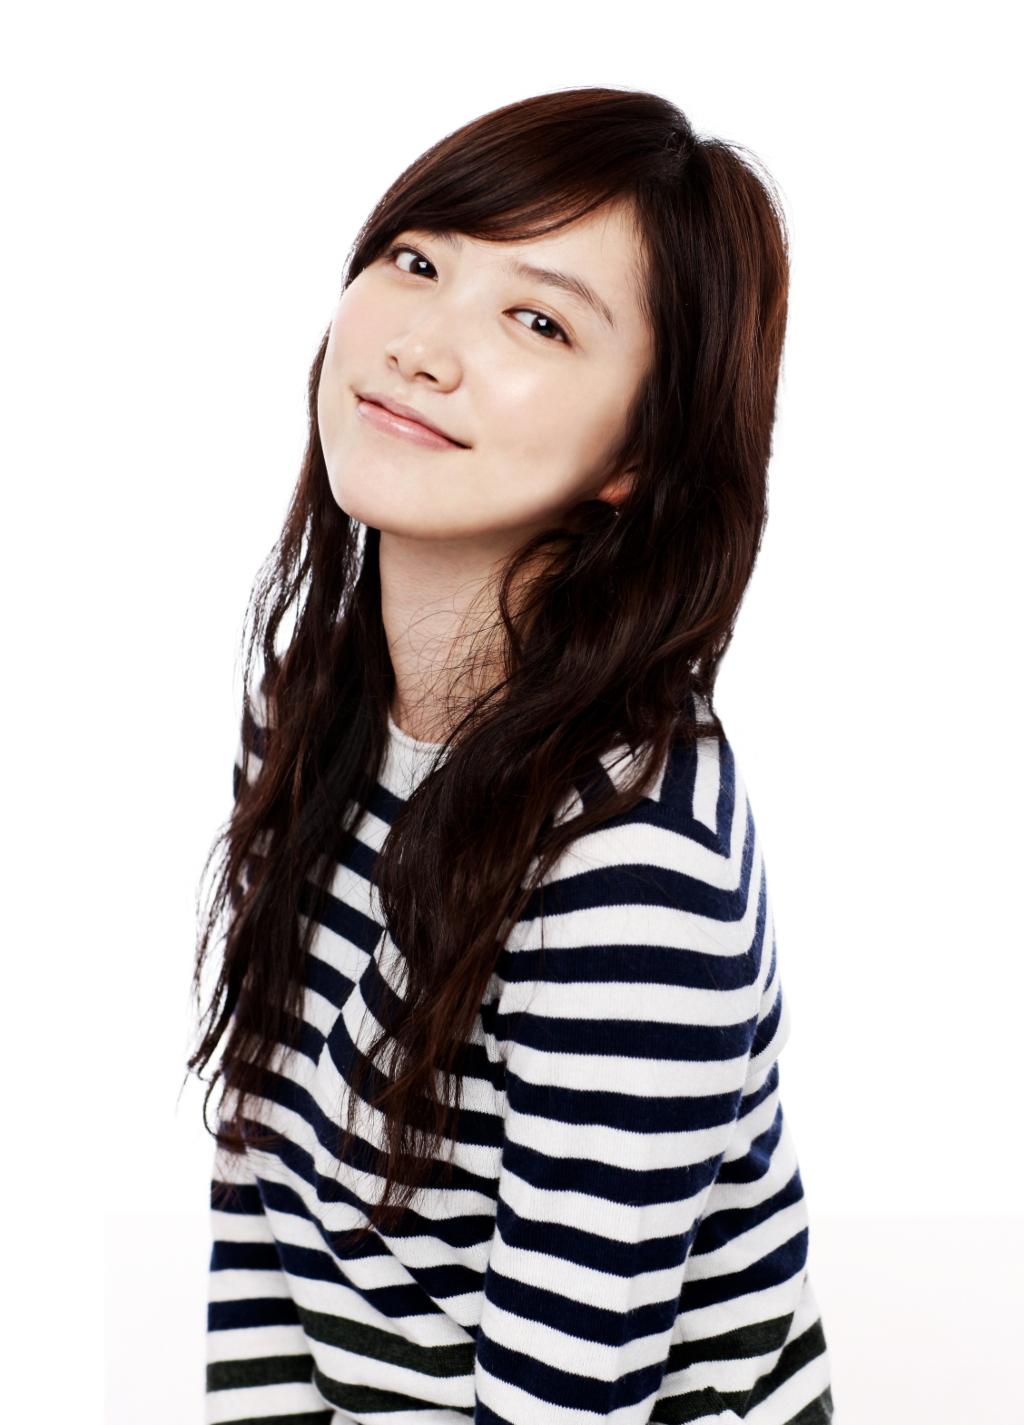 Im_Joo_Eun__4